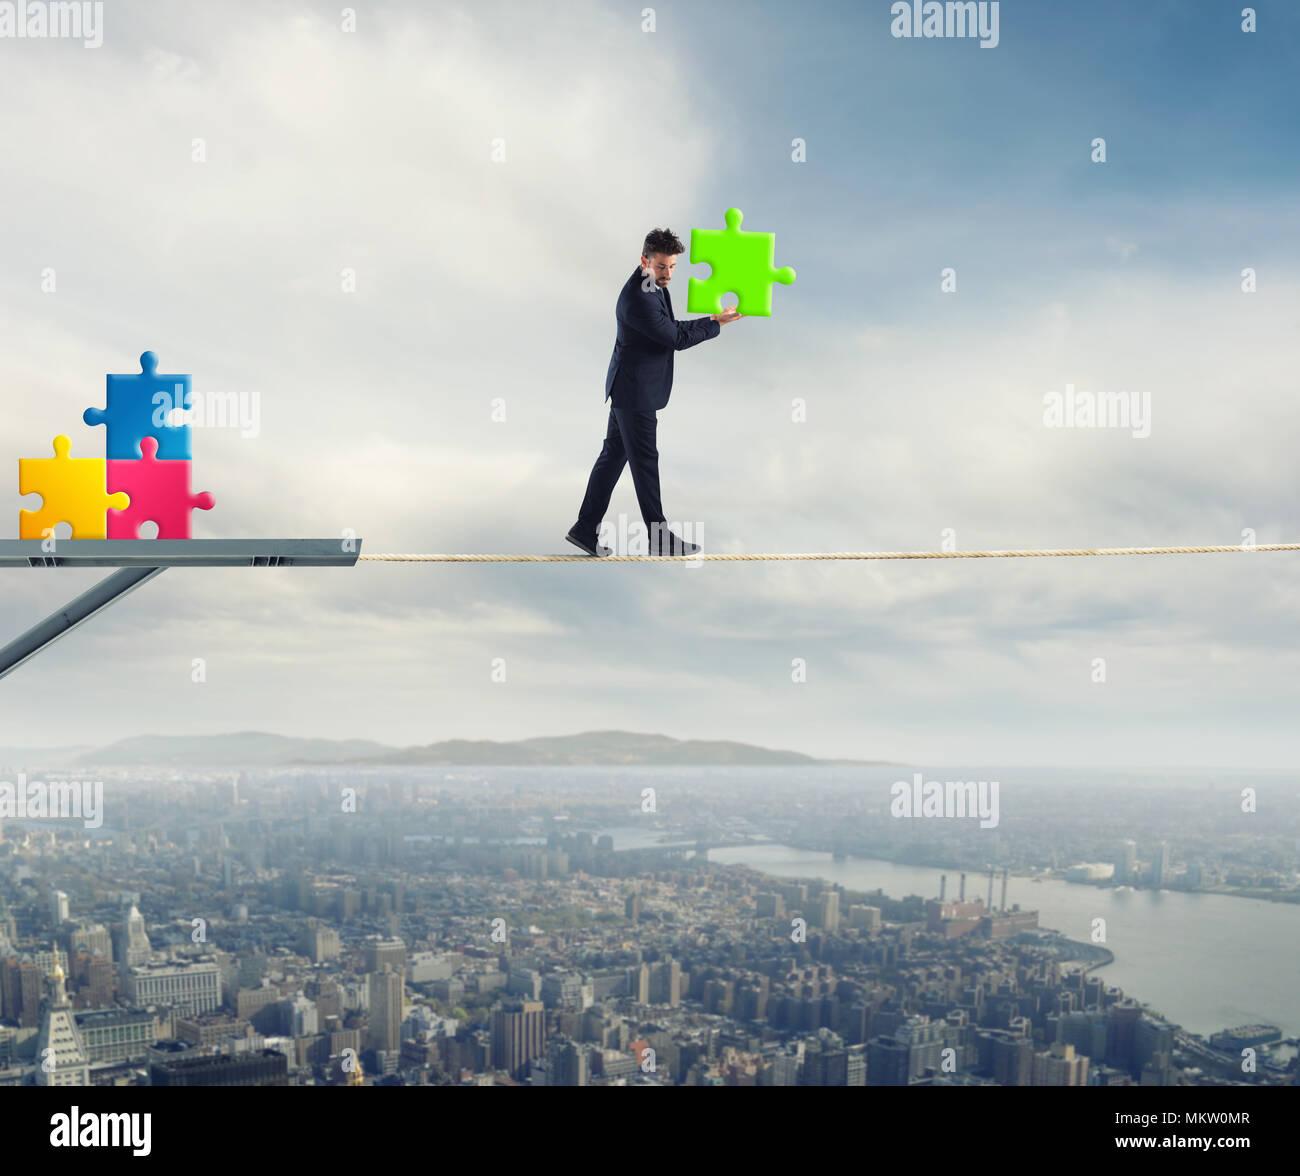 El empresario lleva una pieza del puzzle mientras él caminando sobre una cuerda. concepto de pieza faltante Imagen De Stock